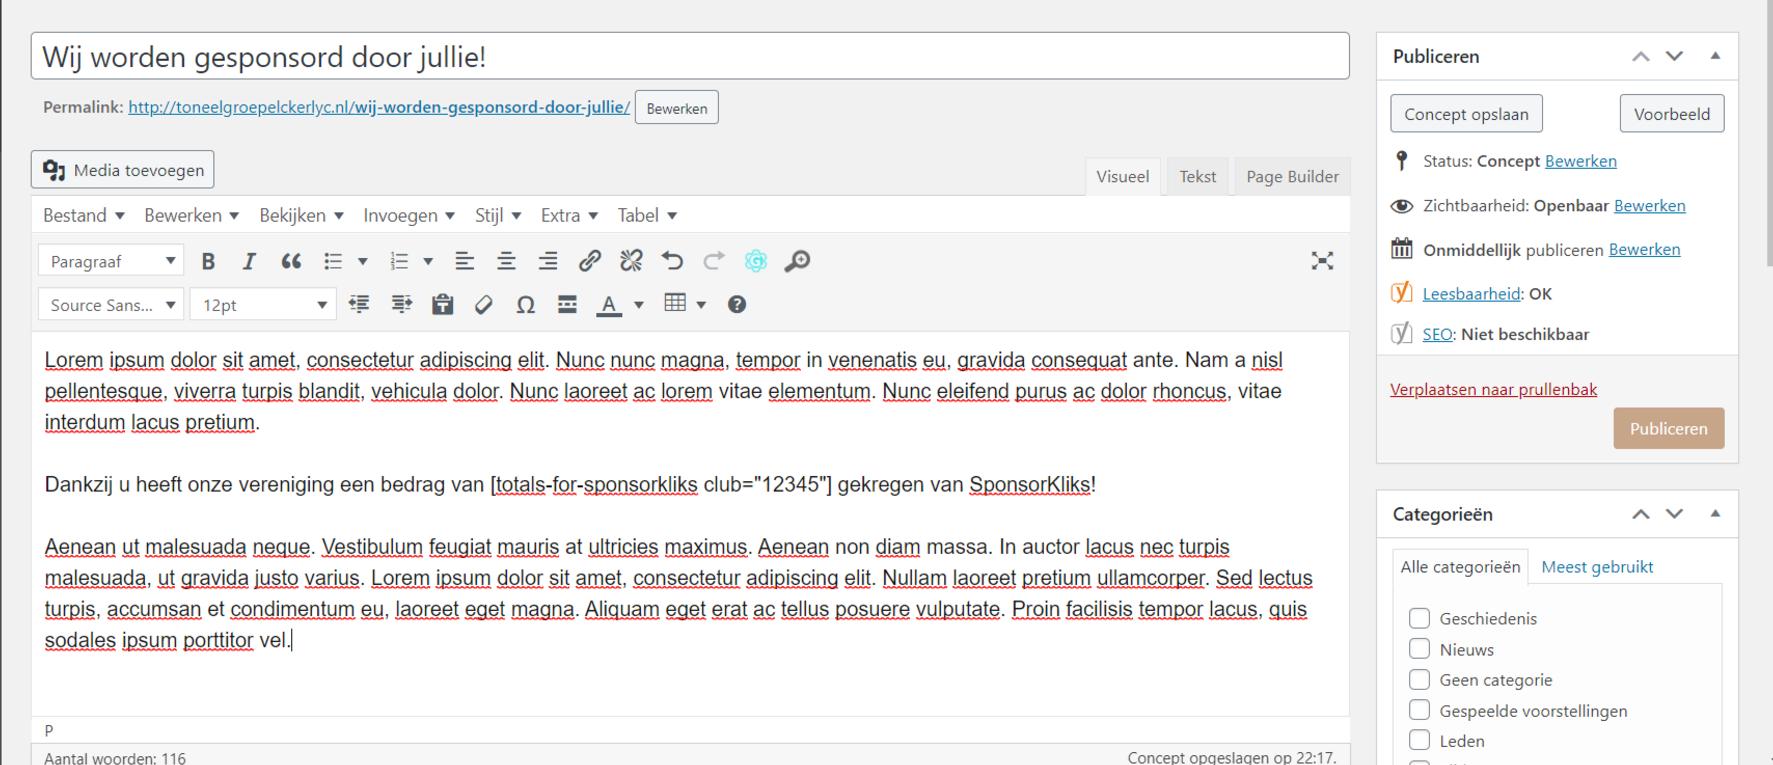 Het gebruik van de shortcode in een bericht of pagina